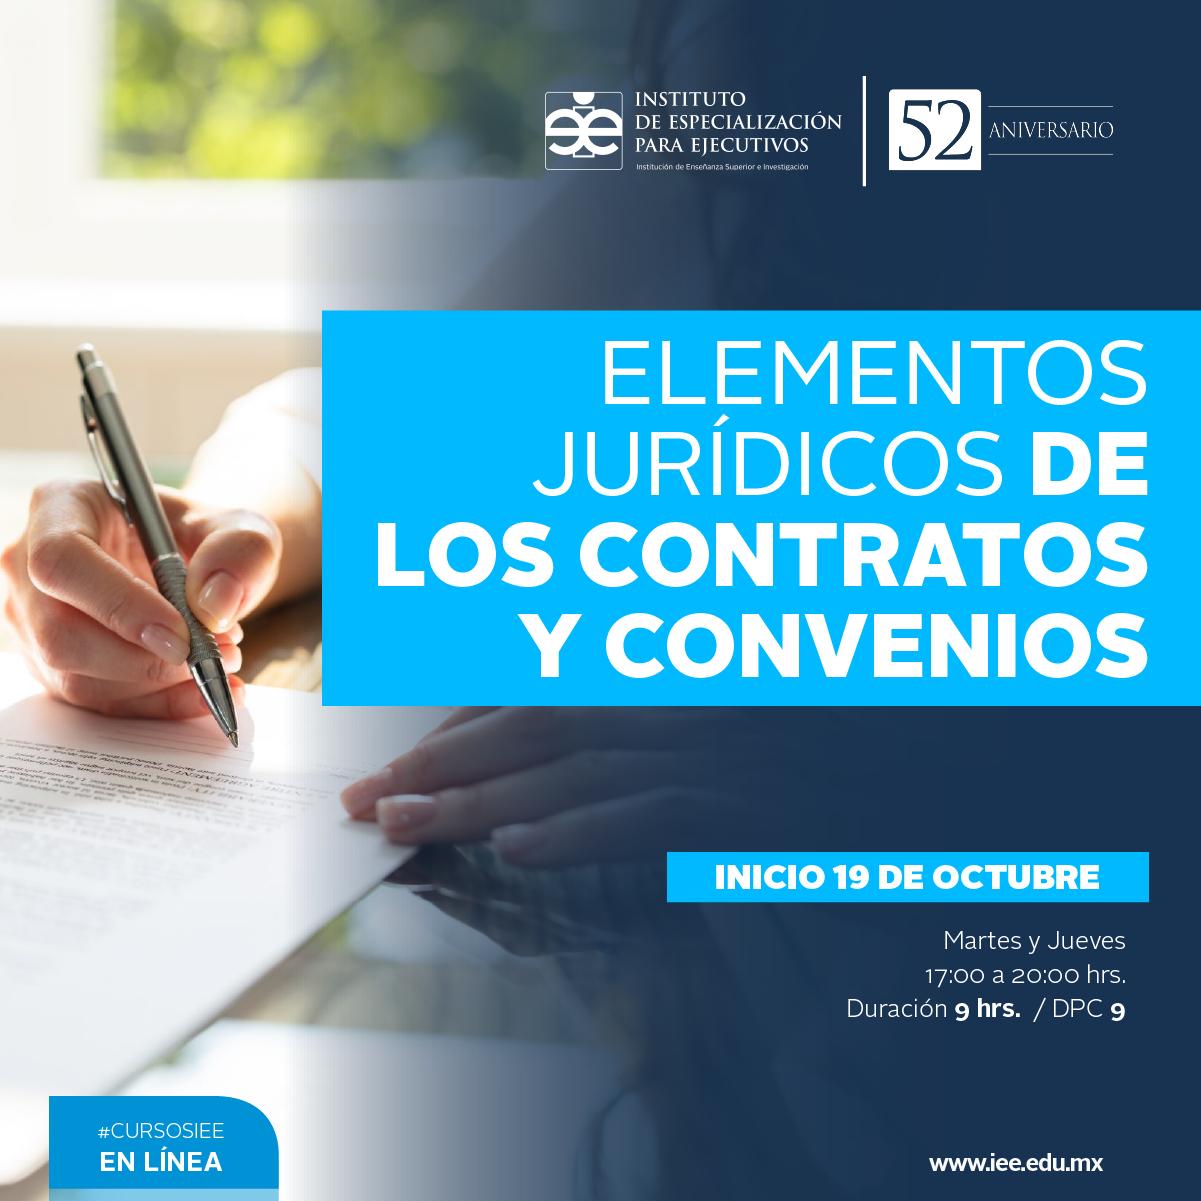 Curso en Línea en Elementos Jurídicos de los Contratos y Convenios